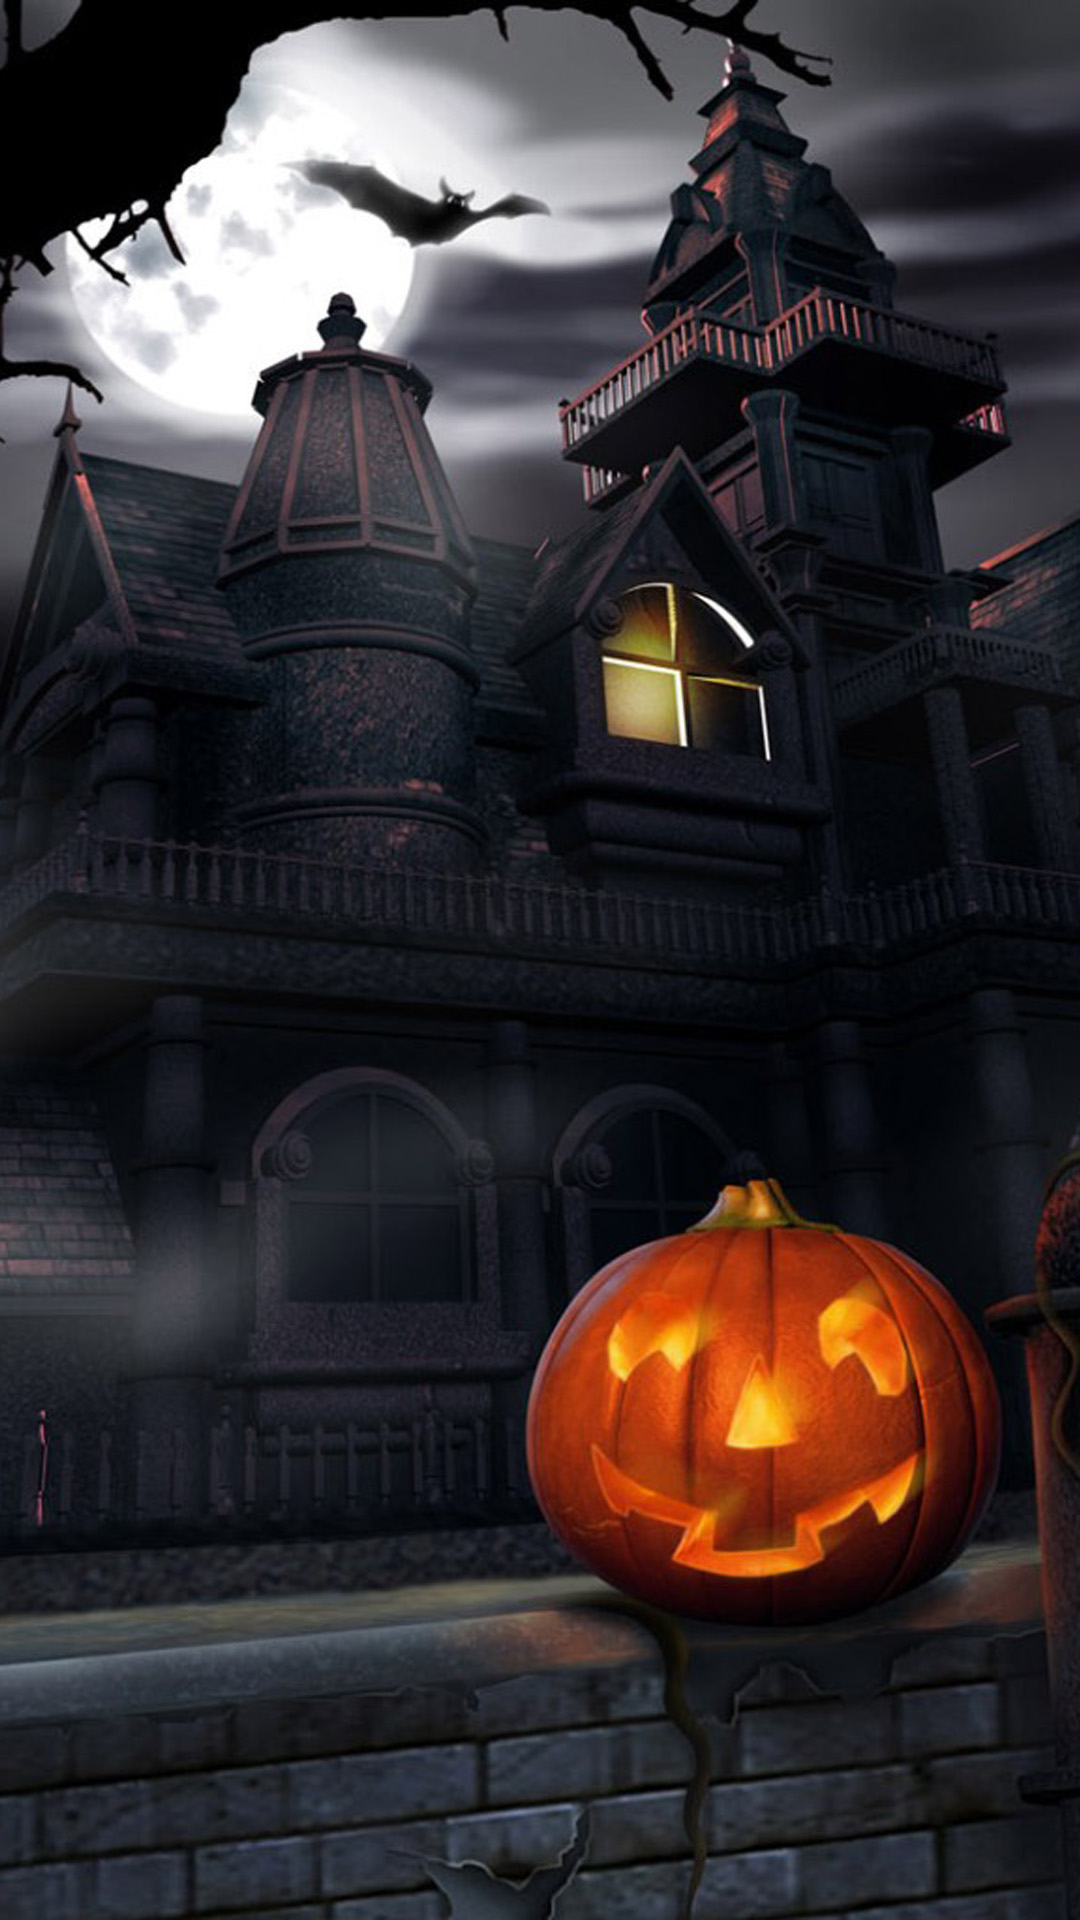 Halloween Pumpkin Wallpaper Iphone.Halloween Pumpkin Android Wallpaper Android Hd Wallpapers